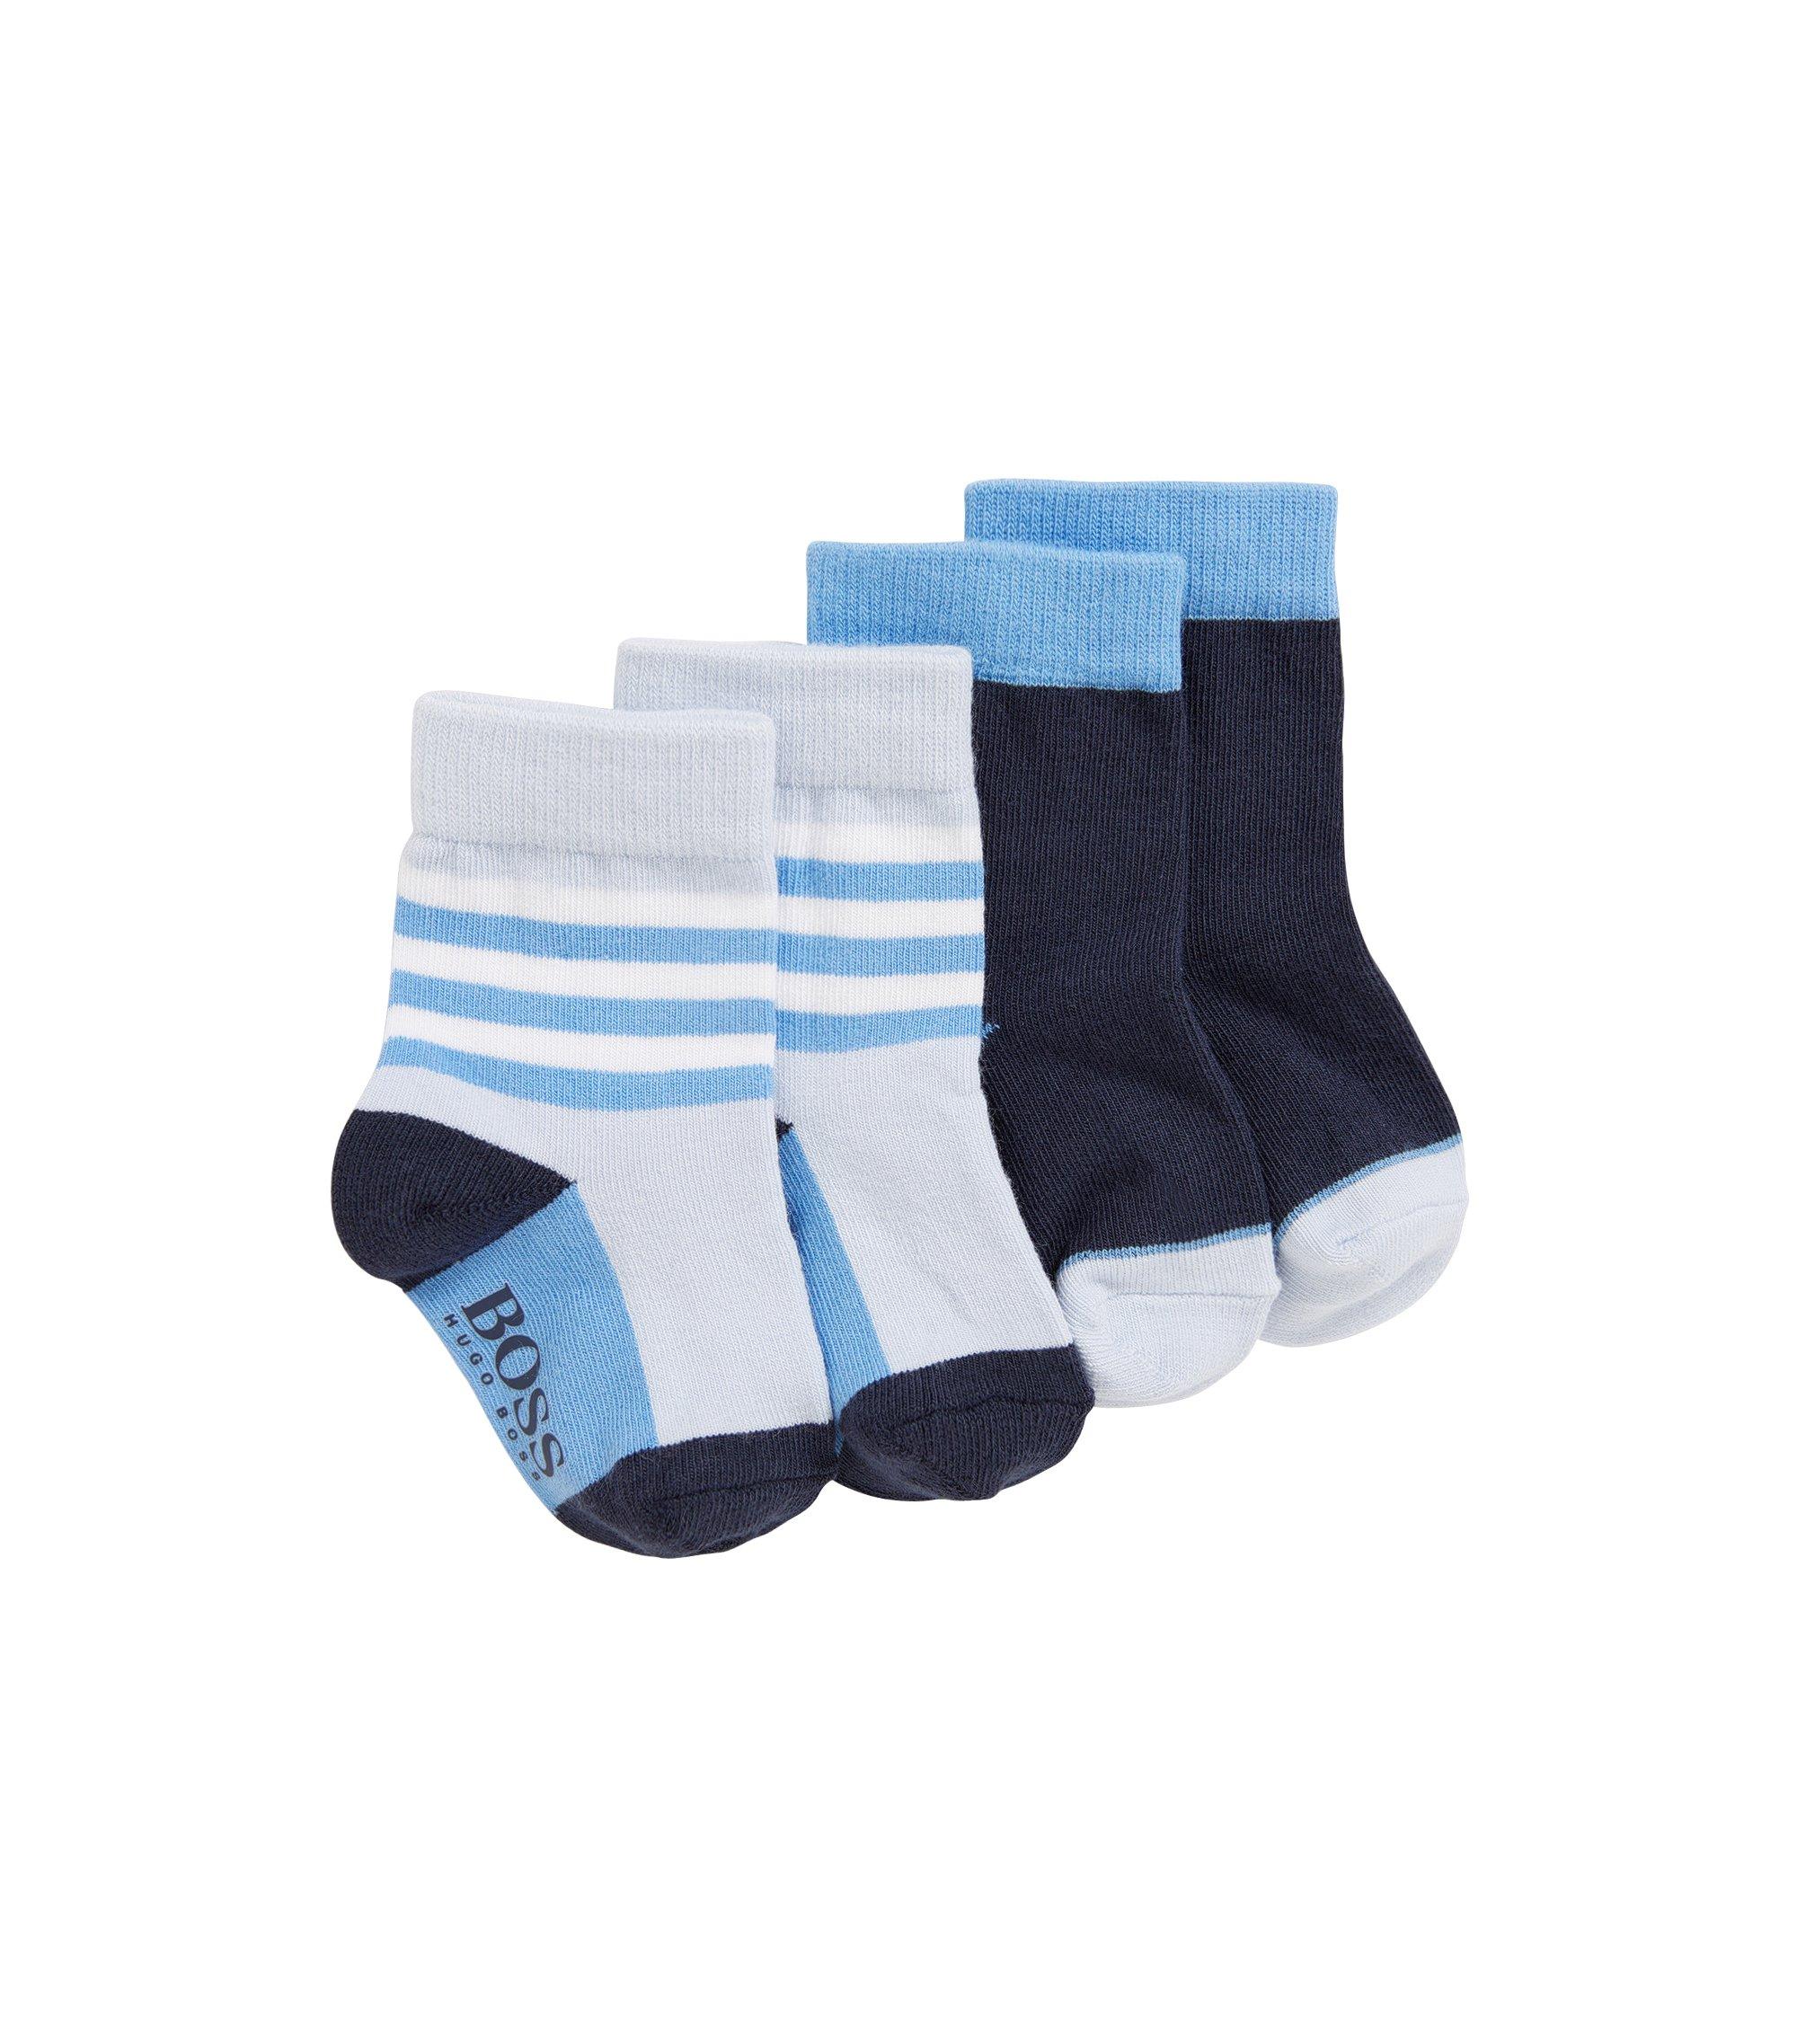 Baby-Socken aus elastischem Baumwoll-Mix im Zweier-Pack, Hellblau